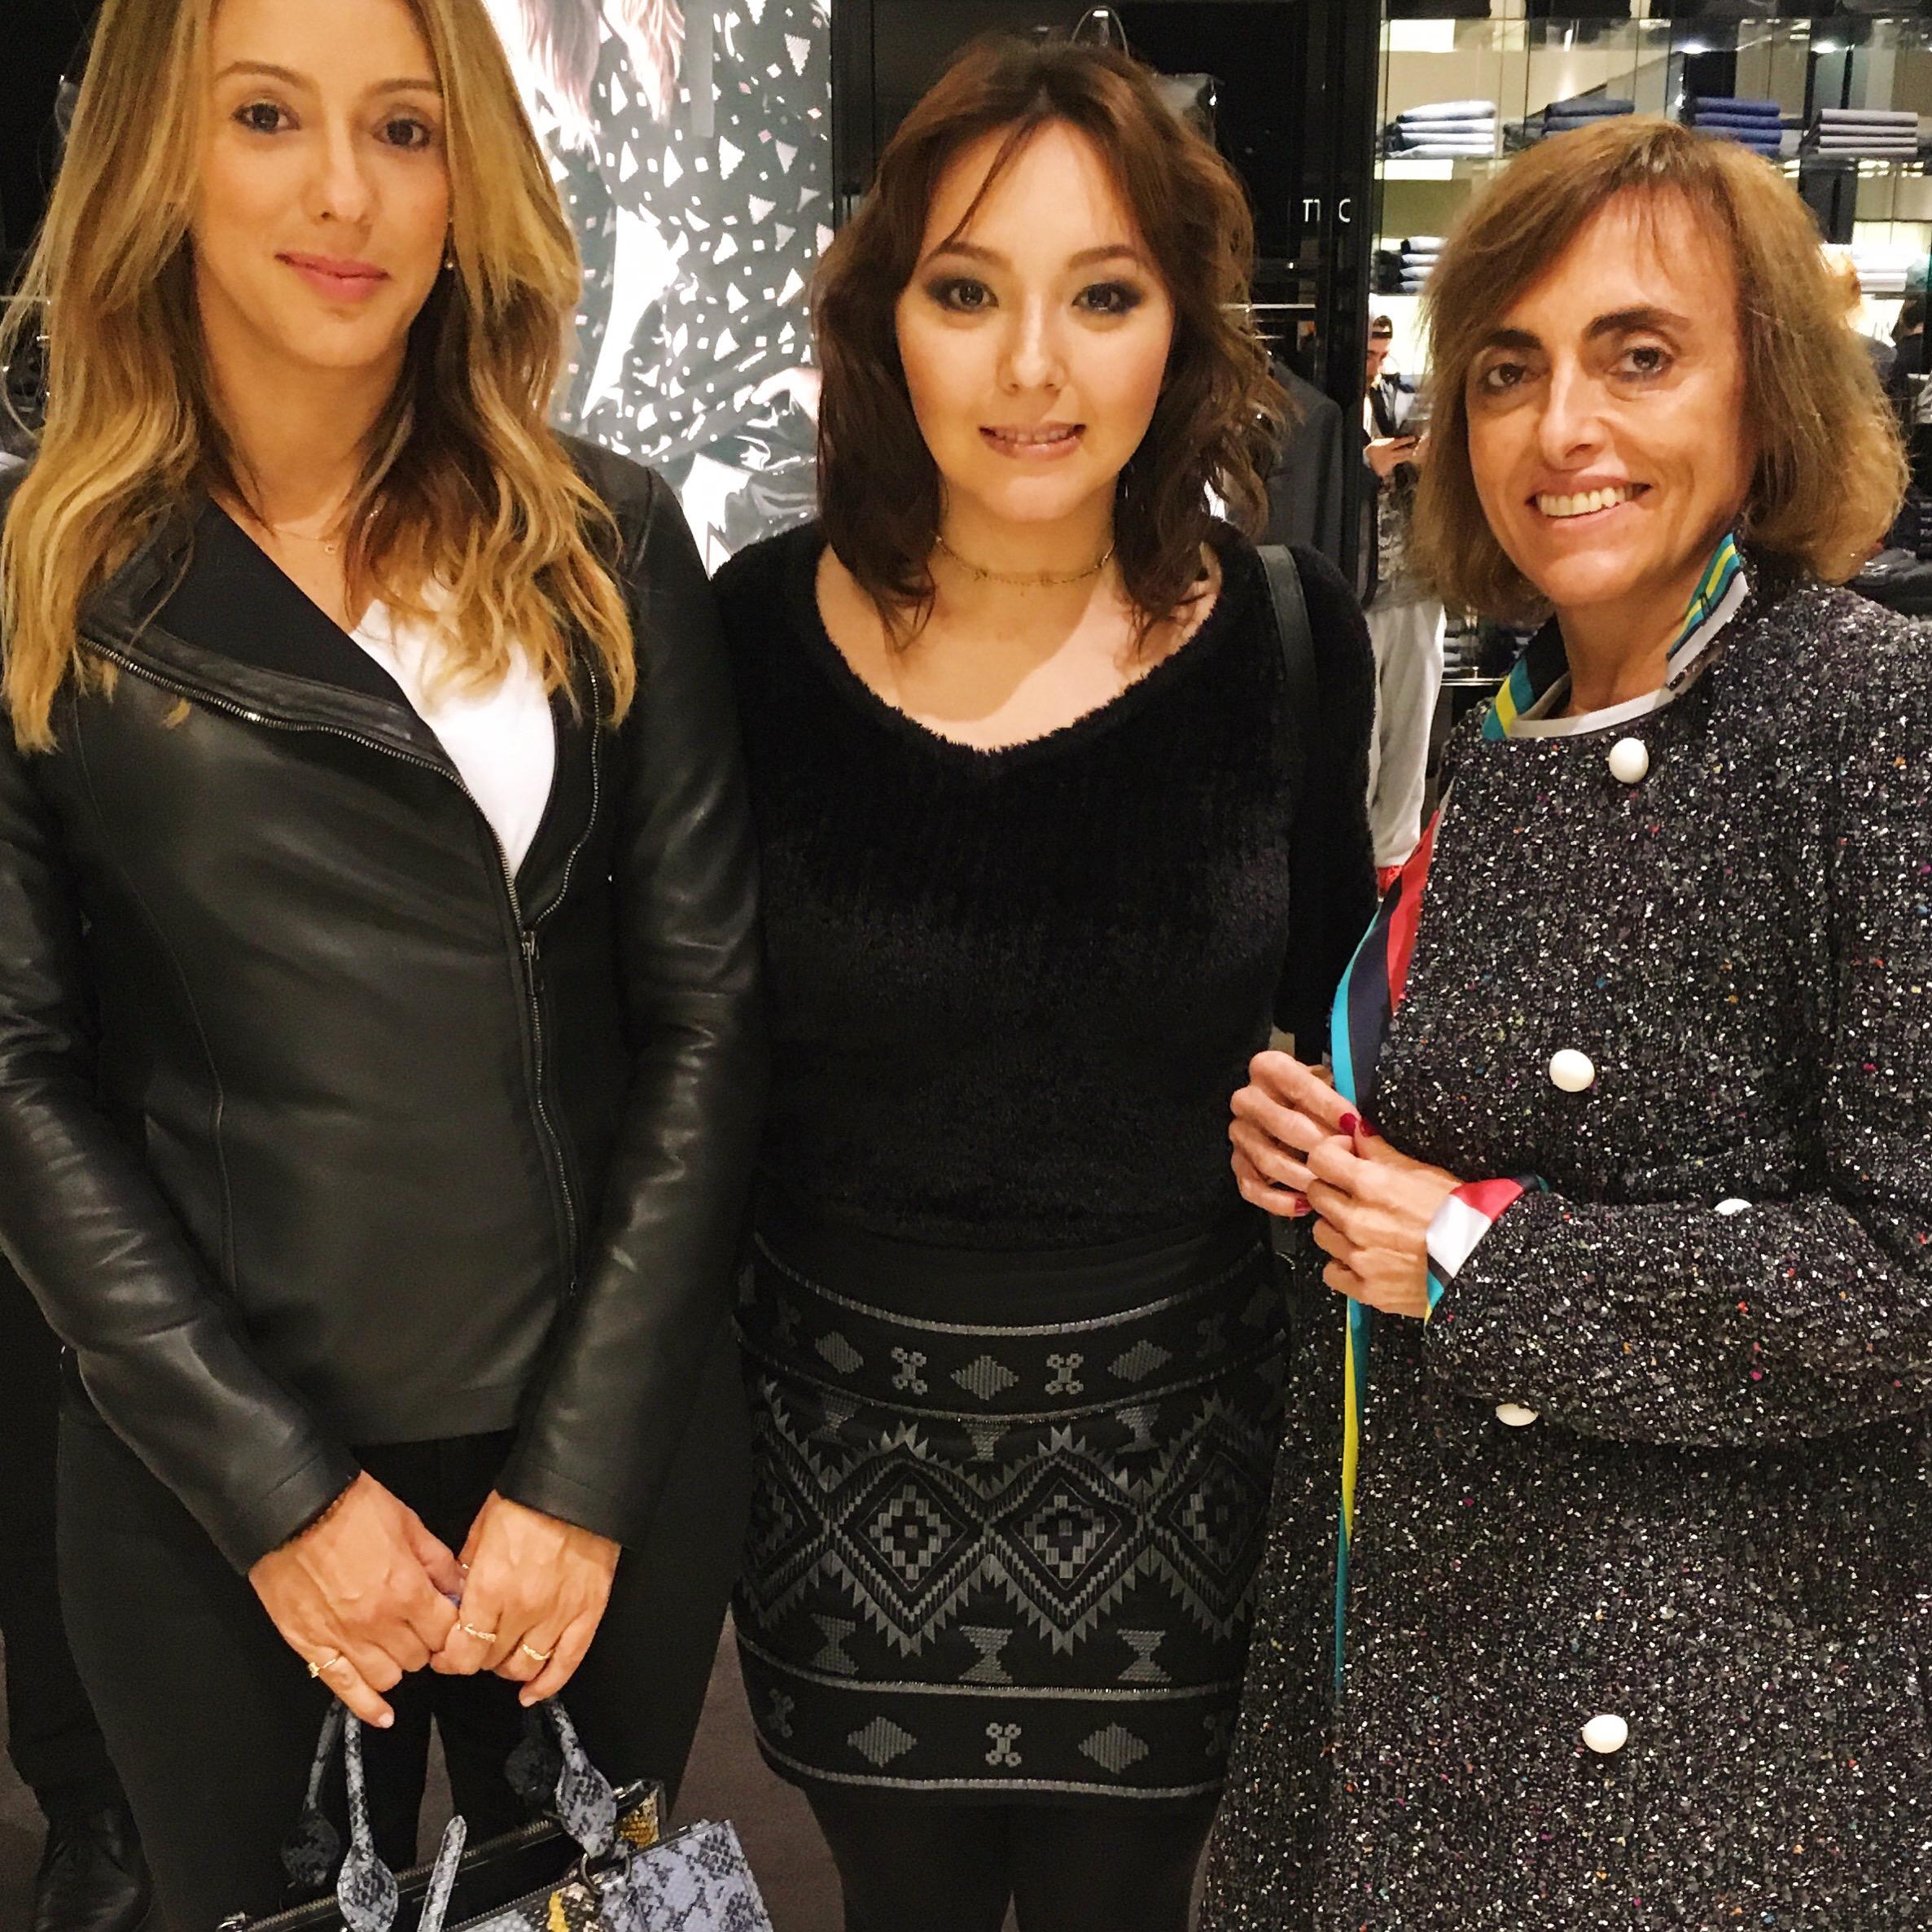 Camila Russo, Bruna Nakano e Patrícia Carta